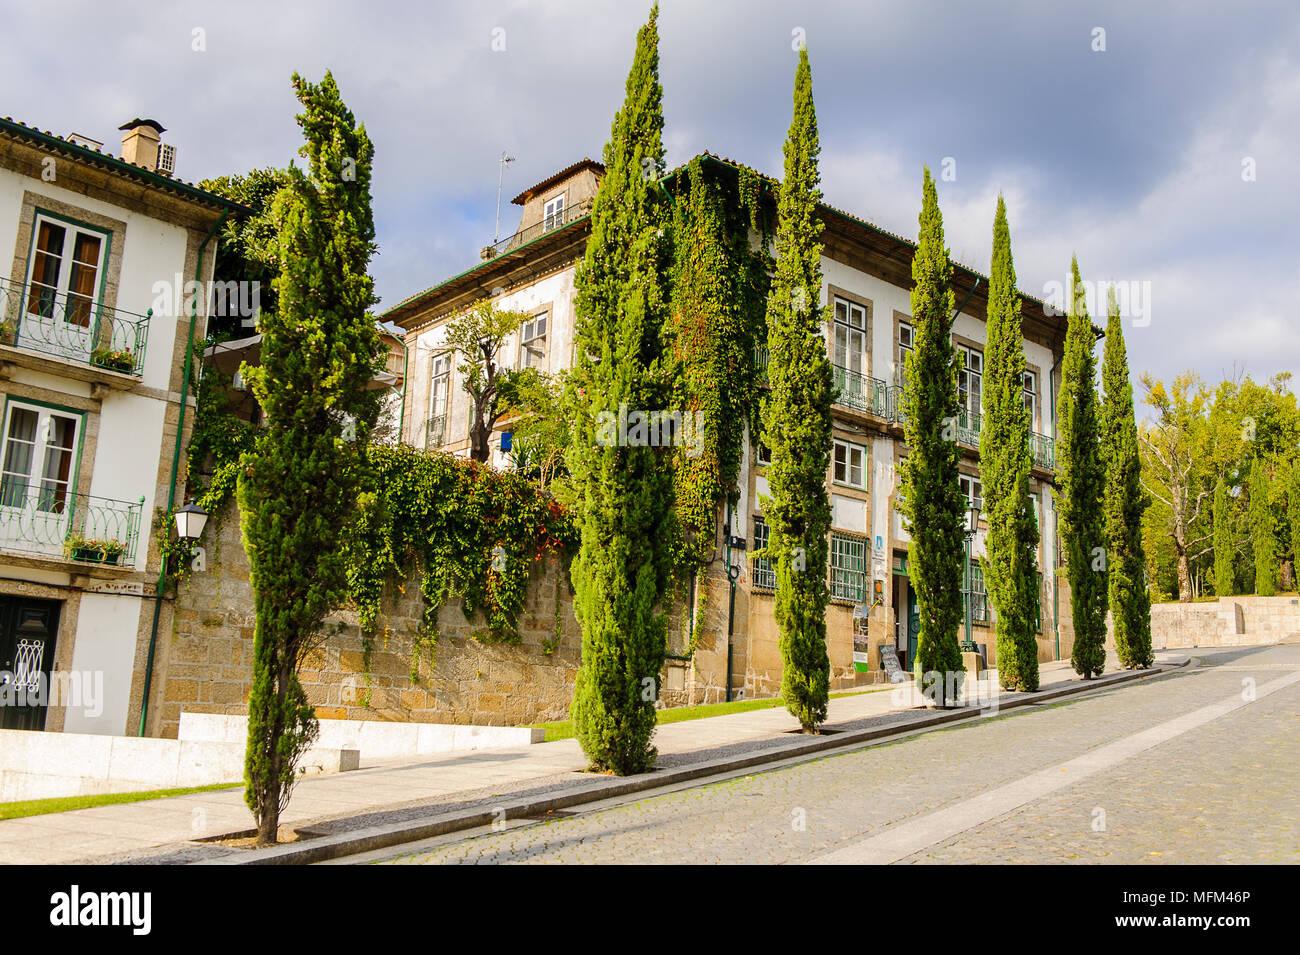 La arquitectura del centro histórico de Guimaraes 4886d2af439a8